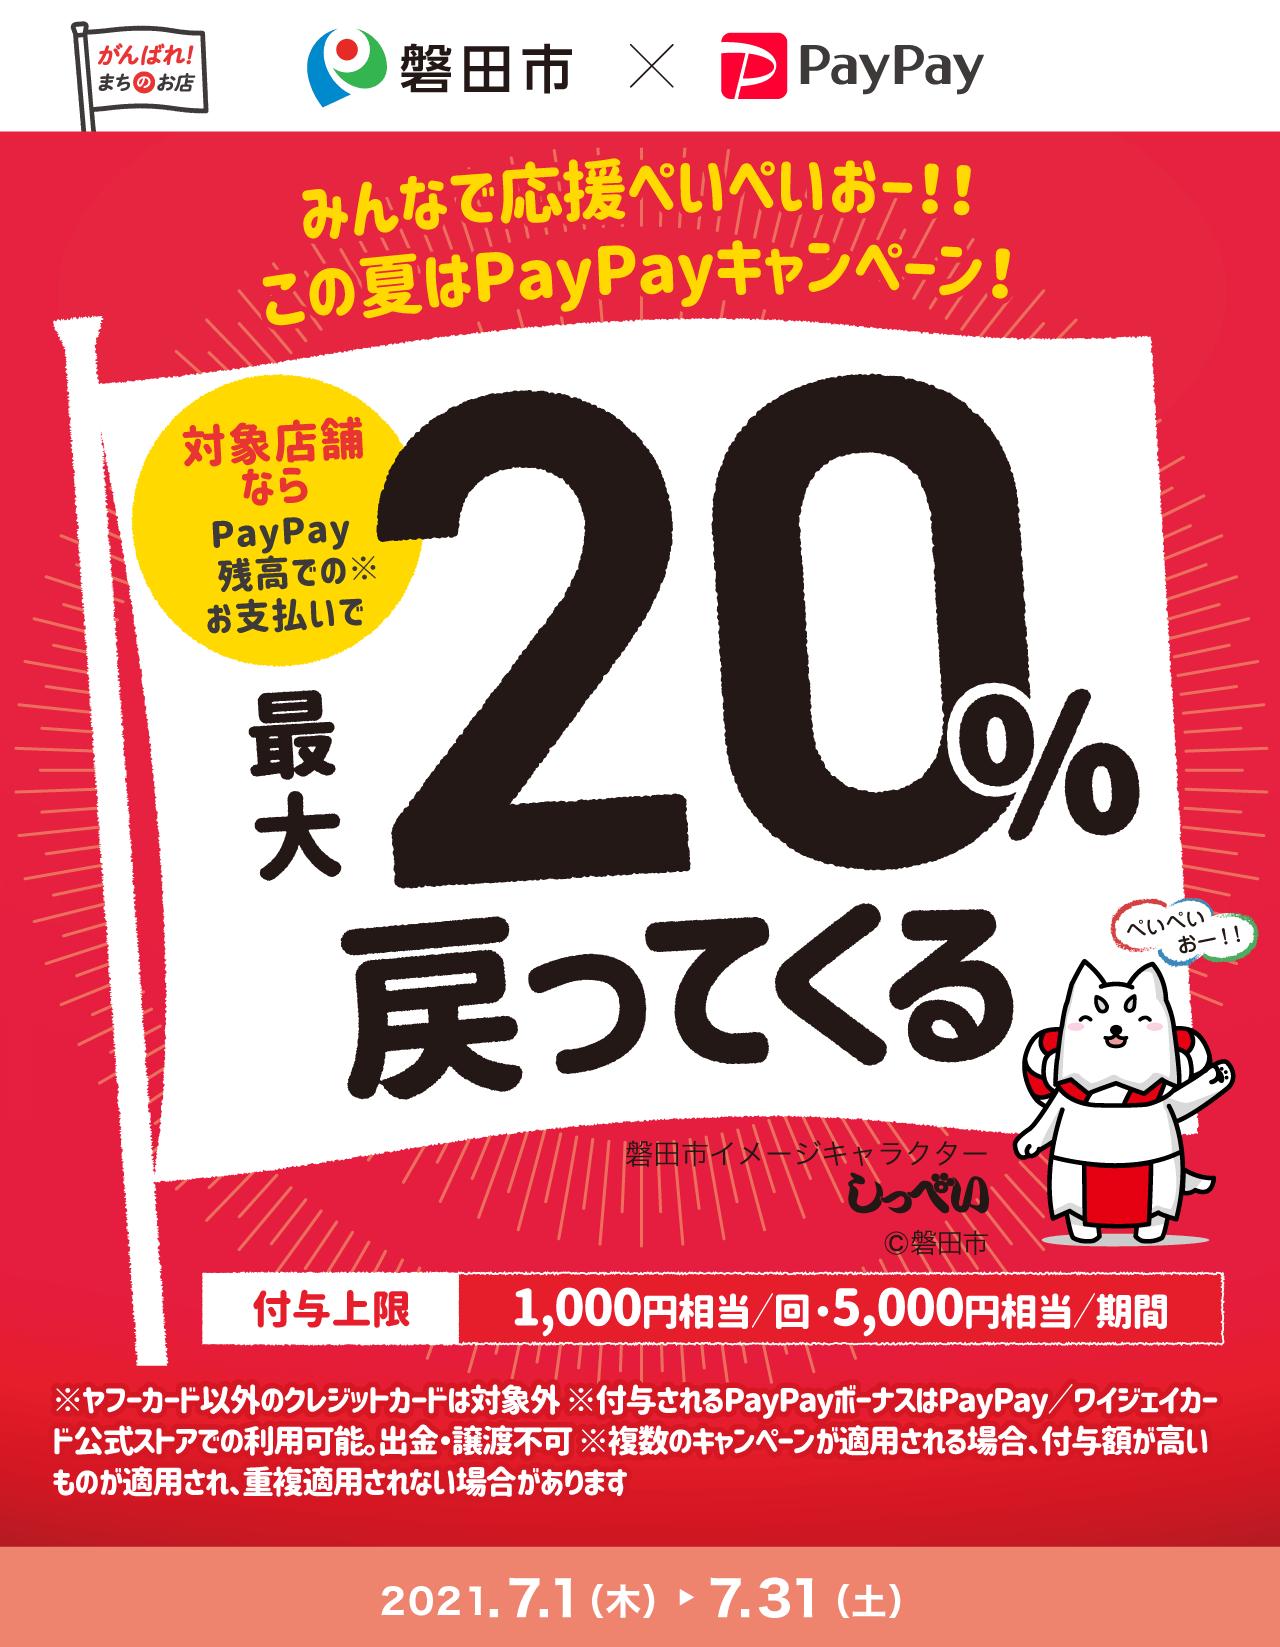 みんなで応援ぺいぺいおー!!この夏はPayPayキャンペーン! 対象店舗ならPayPay残高でのお支払いで最大20%戻ってくる